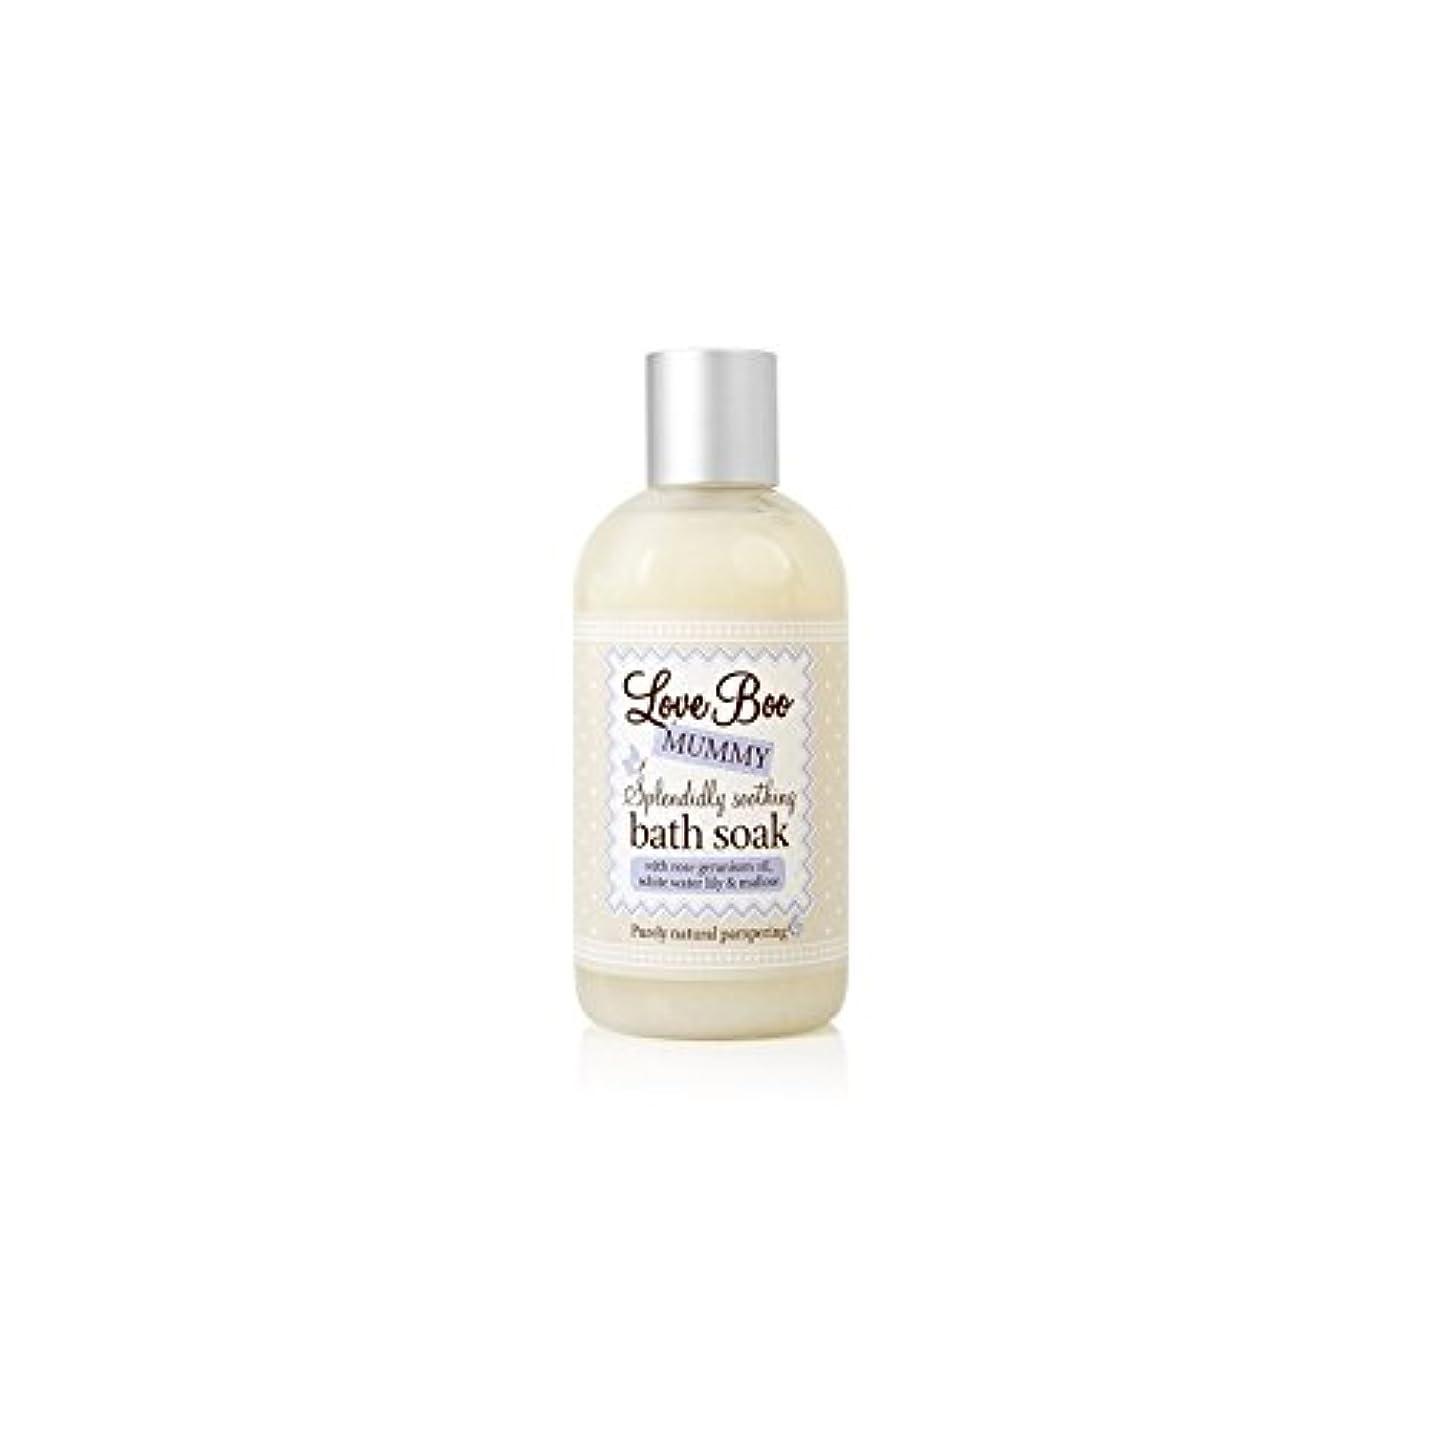 包帯苦しめるハードLove Boo Splendidly Soothing Bath Soak (250ml) - ブーイング見事なだめるようなお風呂が大好き(250ミリリットル)を浸します [並行輸入品]